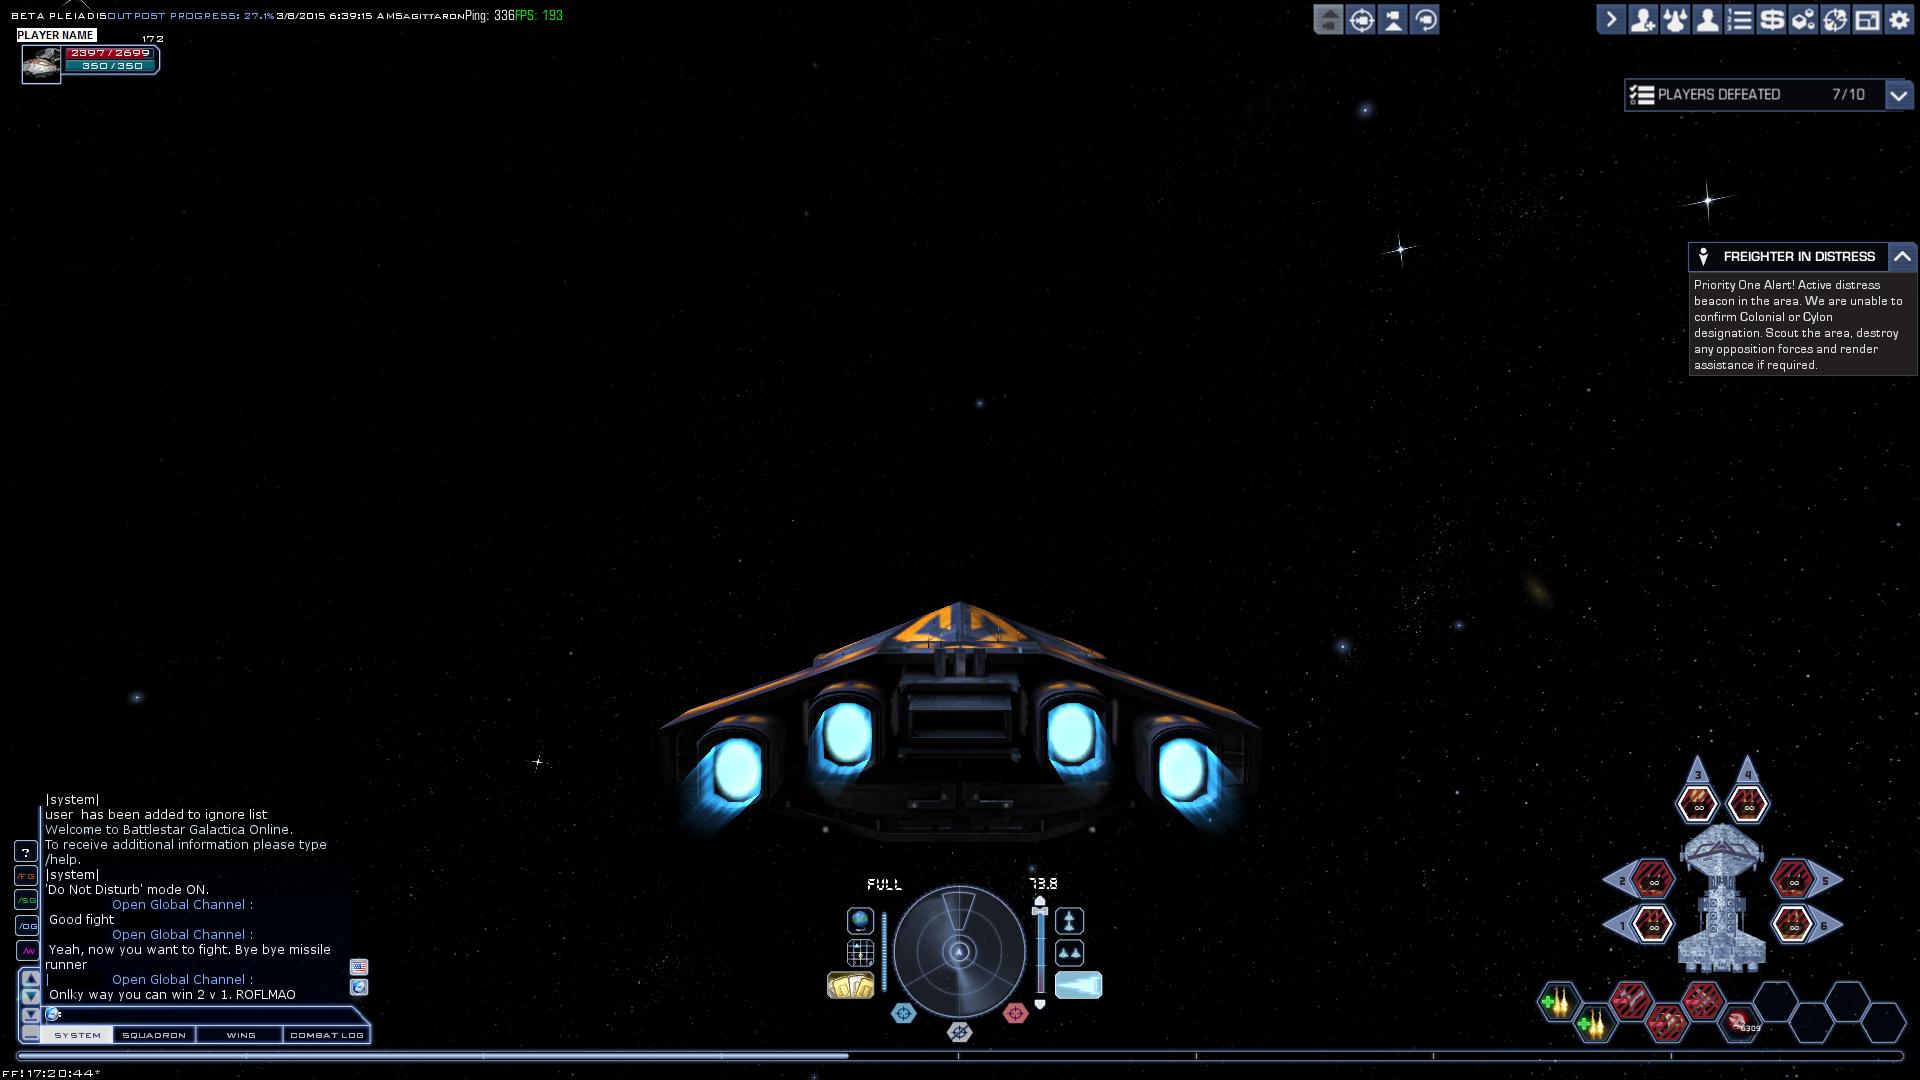 Battlestar galactica online | best config liche | youtube.